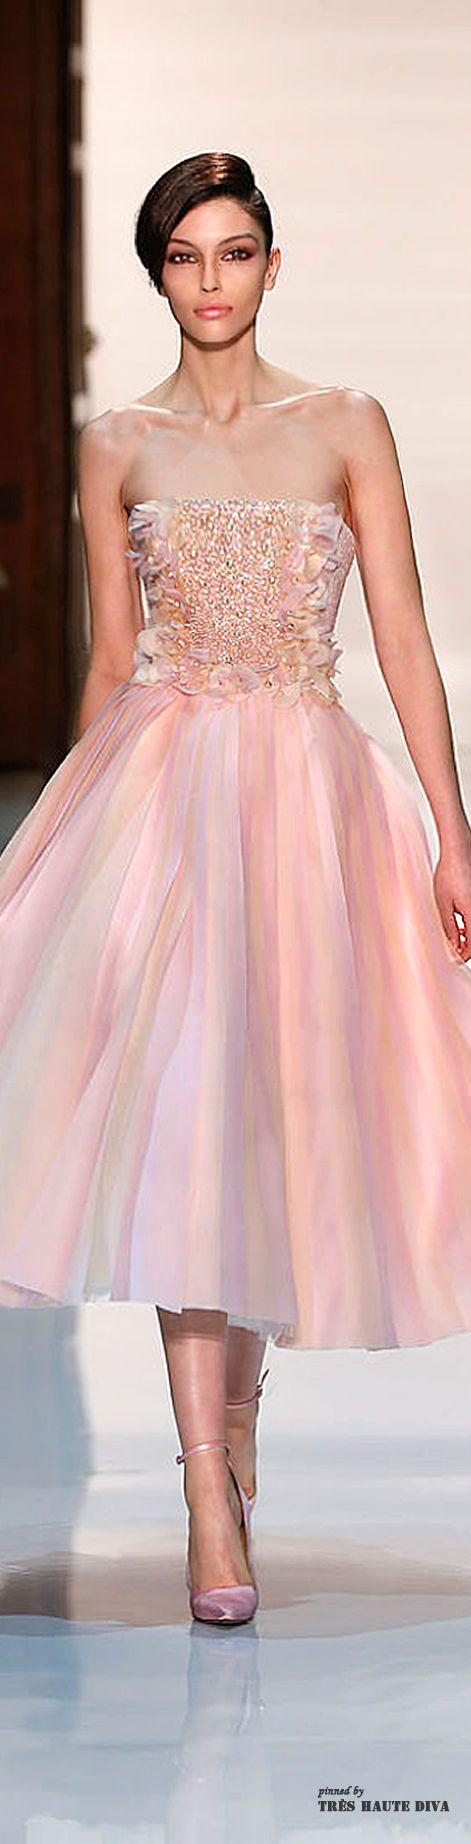 Único Vestidos De Dama Tumblr Galería - Colección de Vestidos de ...